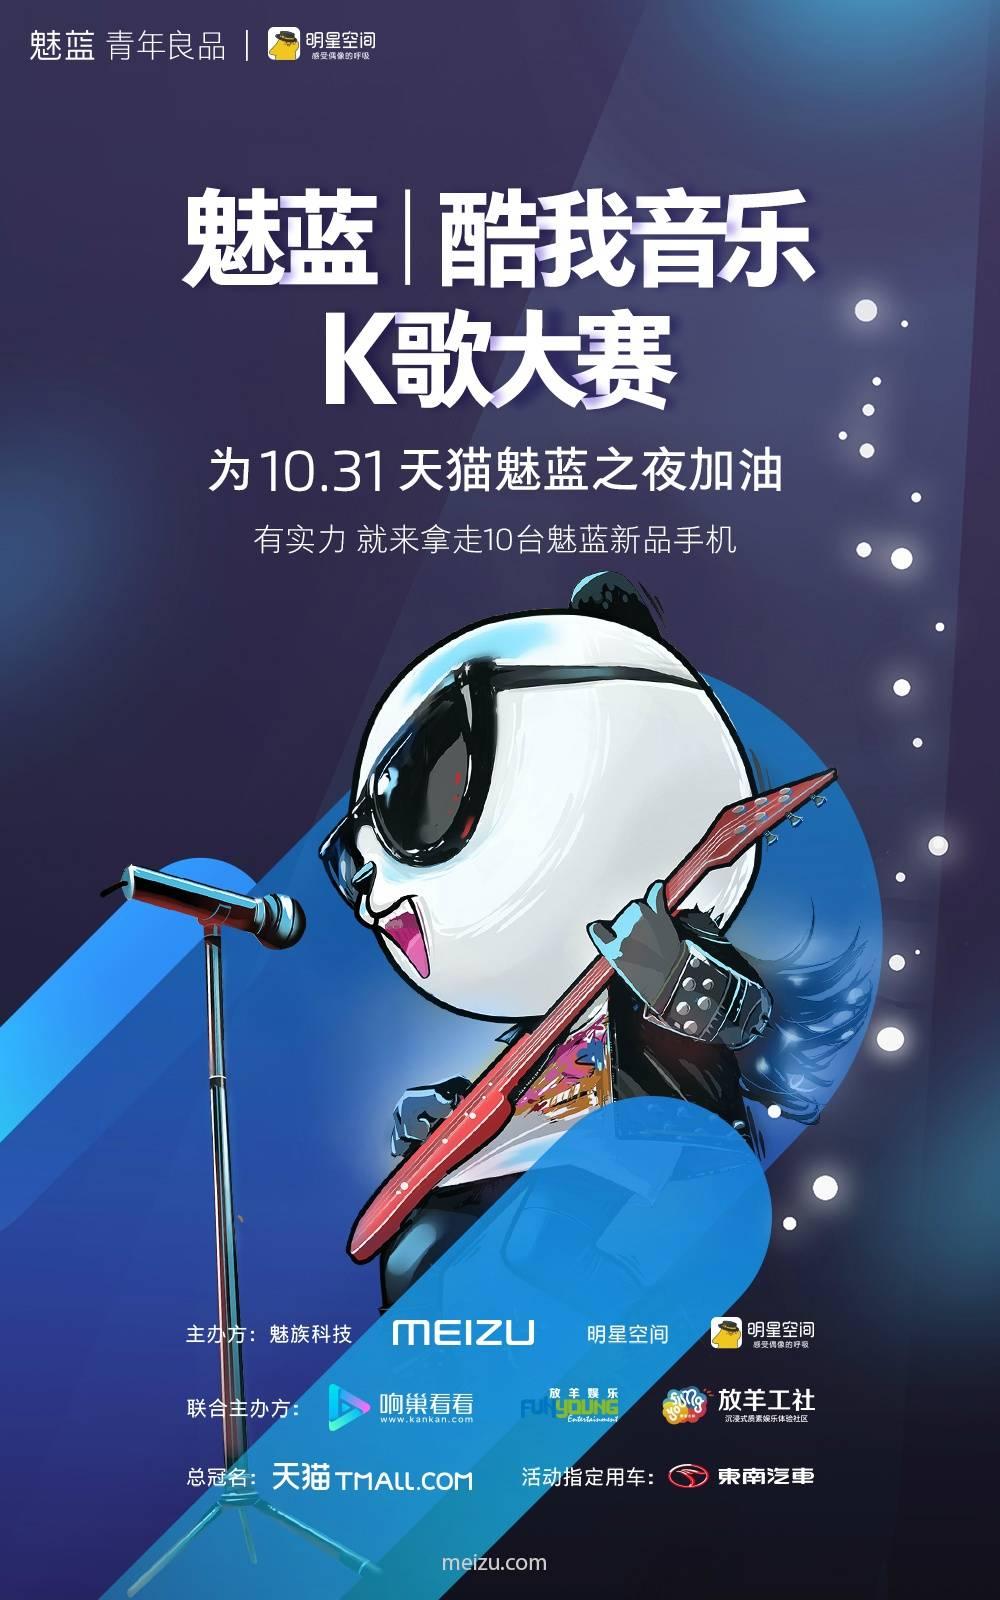 10月31日の「天猫魅藍之夜演唱会」にてMeizu M5(mini)を発表することを微博にて告知